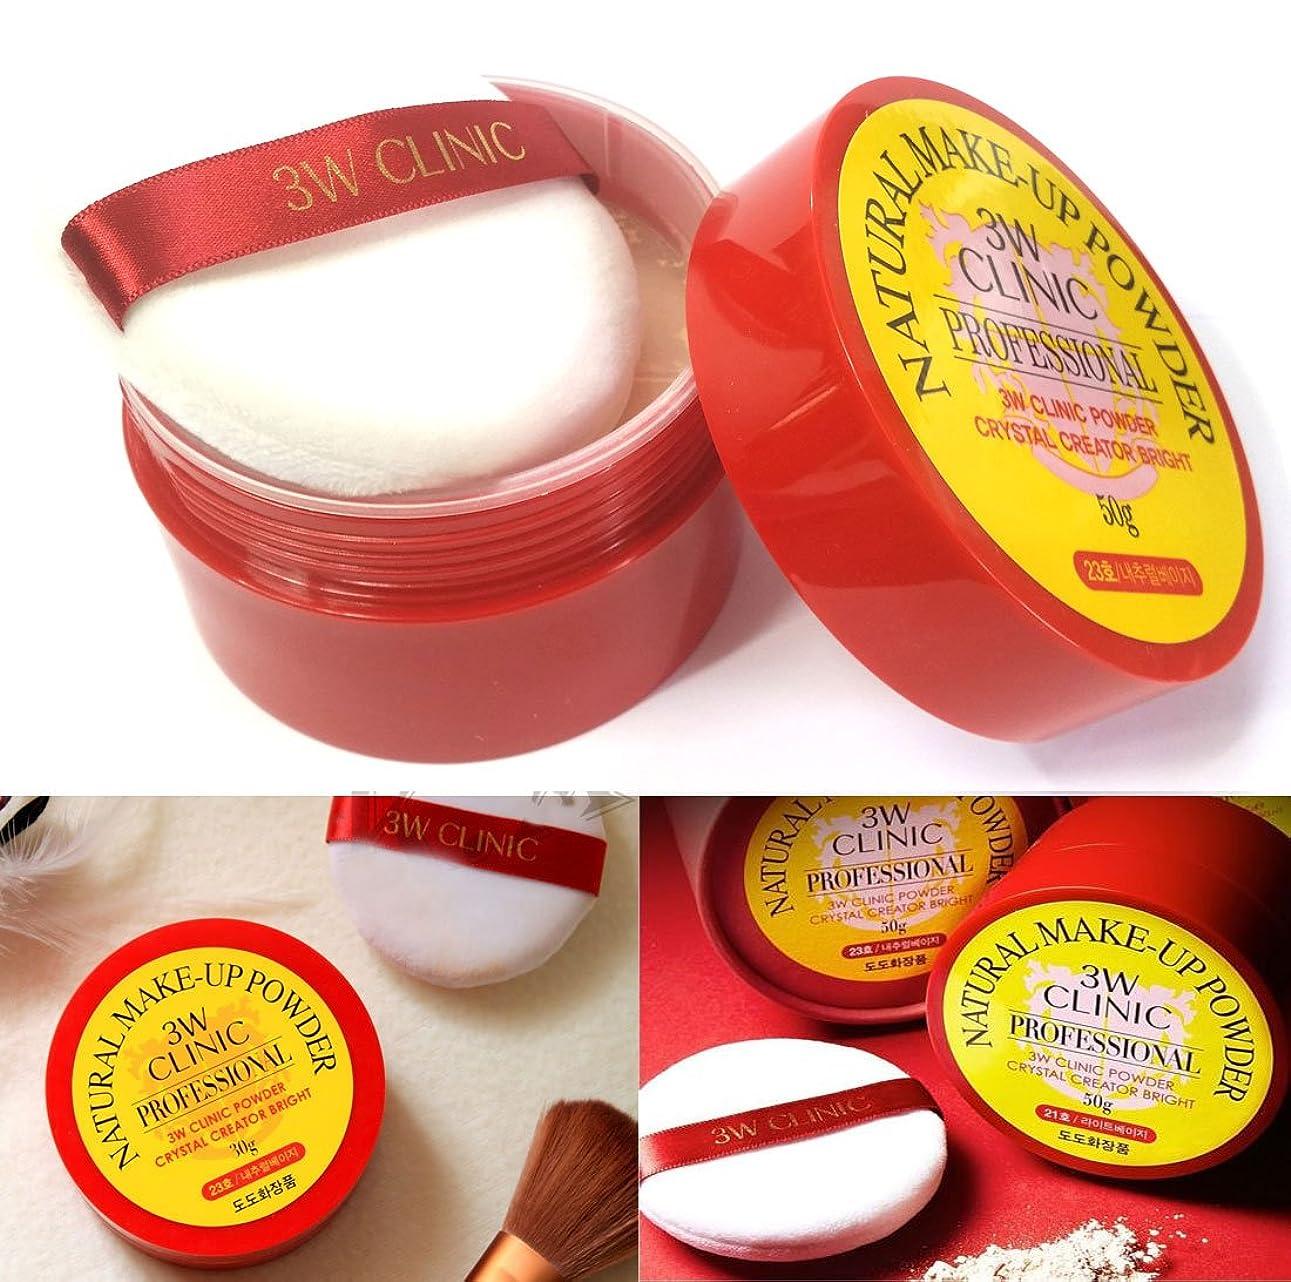 シャッフル乱闘硬い[3W Clinic] ドドーナチュラルメイクアップパウダークリスタルクリエイターブライト50g / DODO Natural Makeup Powder Crystal Creator Bright 50g /#23ナチュラルベージュ / 韓国化粧品 / #23 Natural Beige/Korean Cosmetics (1EA) [並行輸入品]